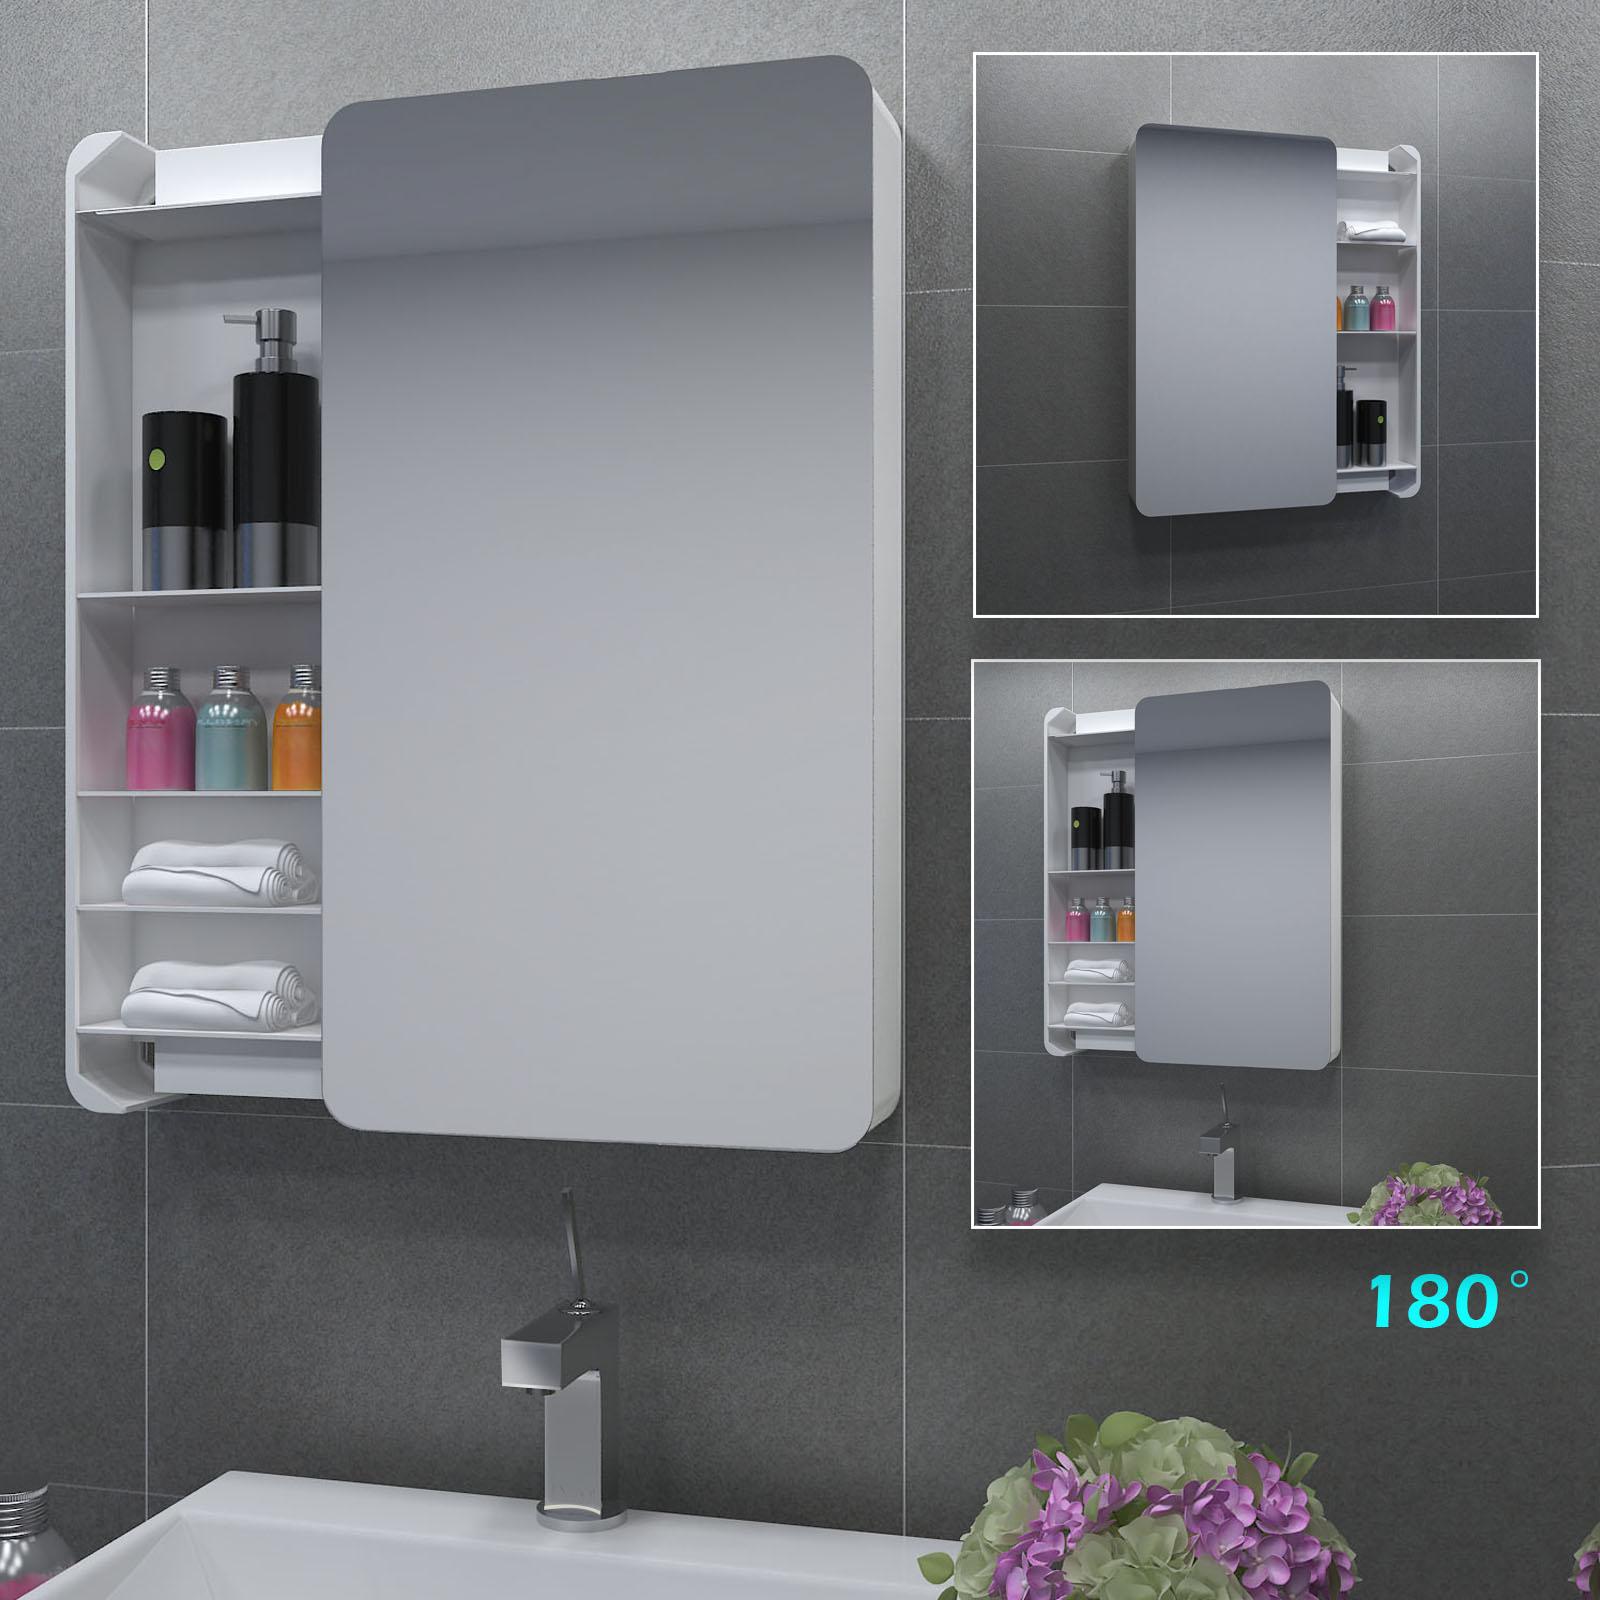 cabinet soft close sliding runner 3 white internal shelves sliding